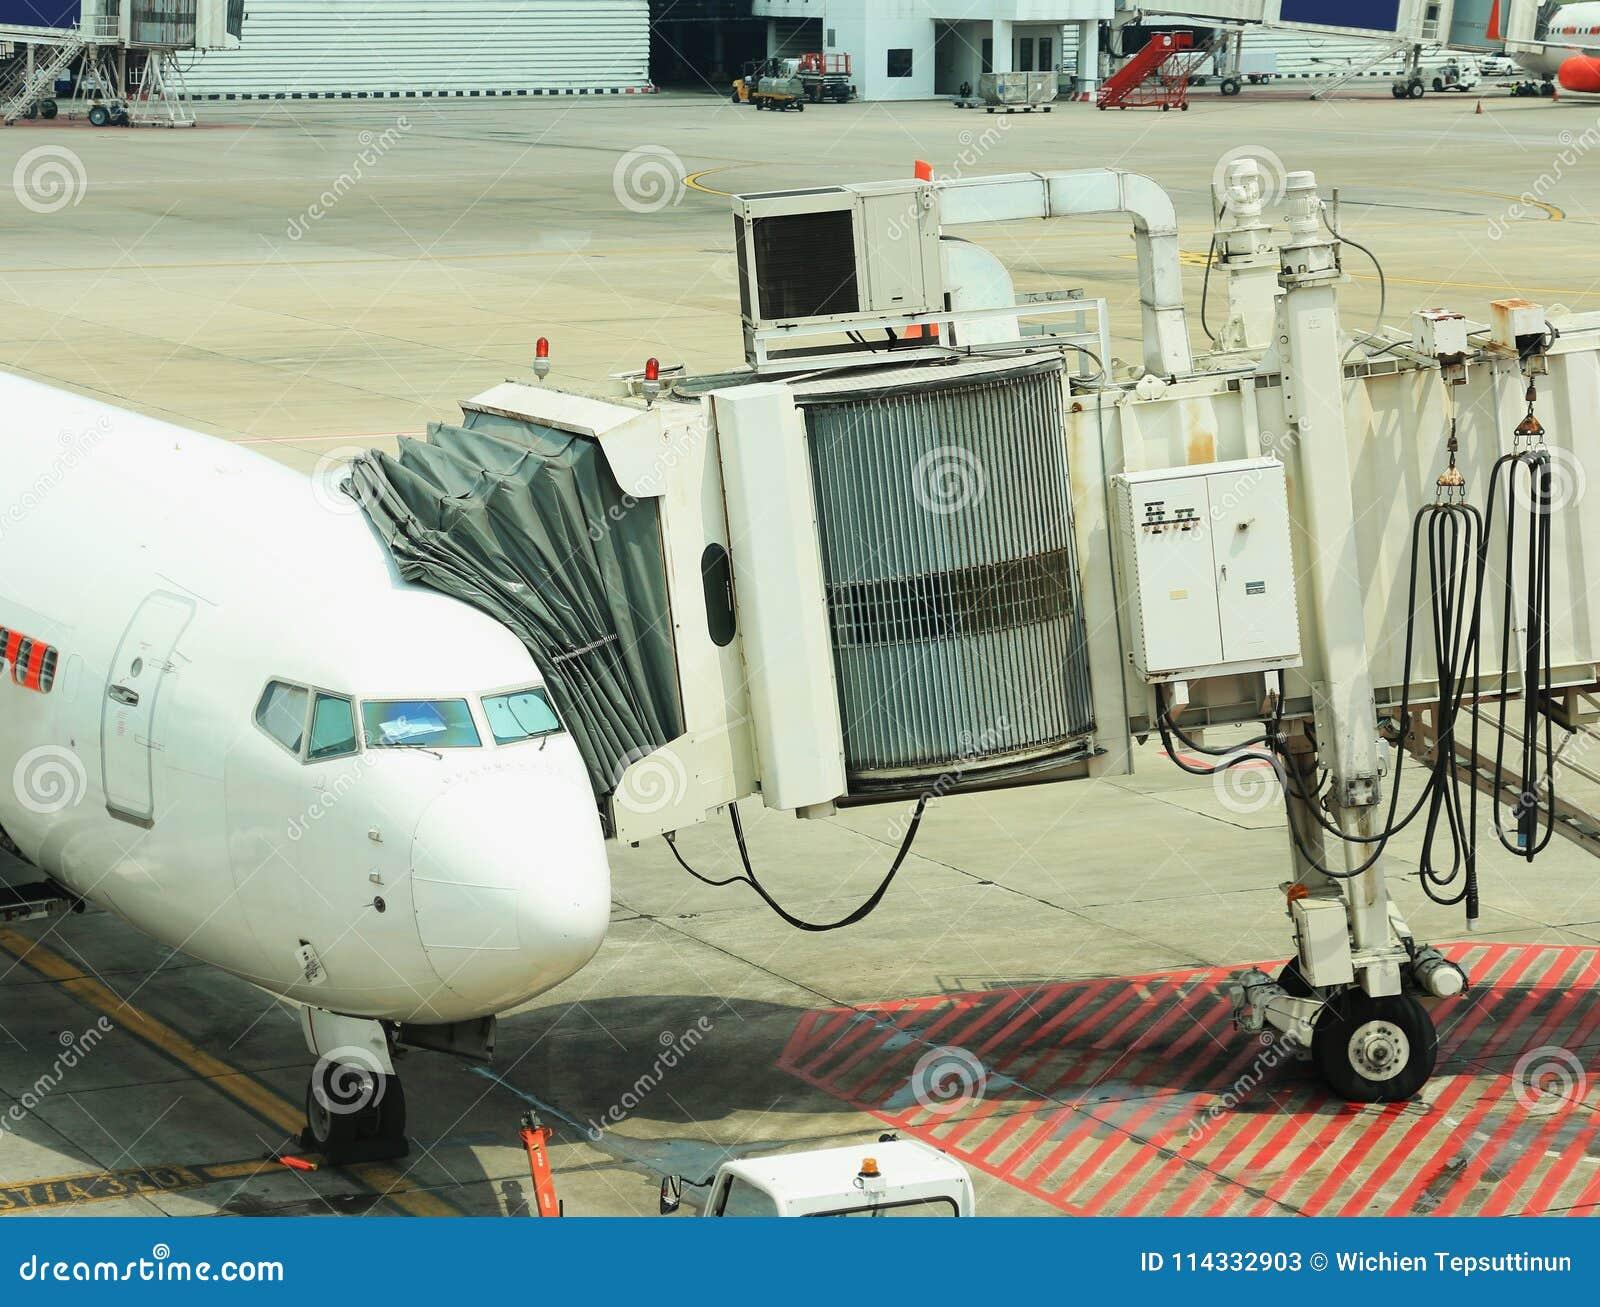 Passagier het inschepen brug met vliegtuig wordt verbonden dat